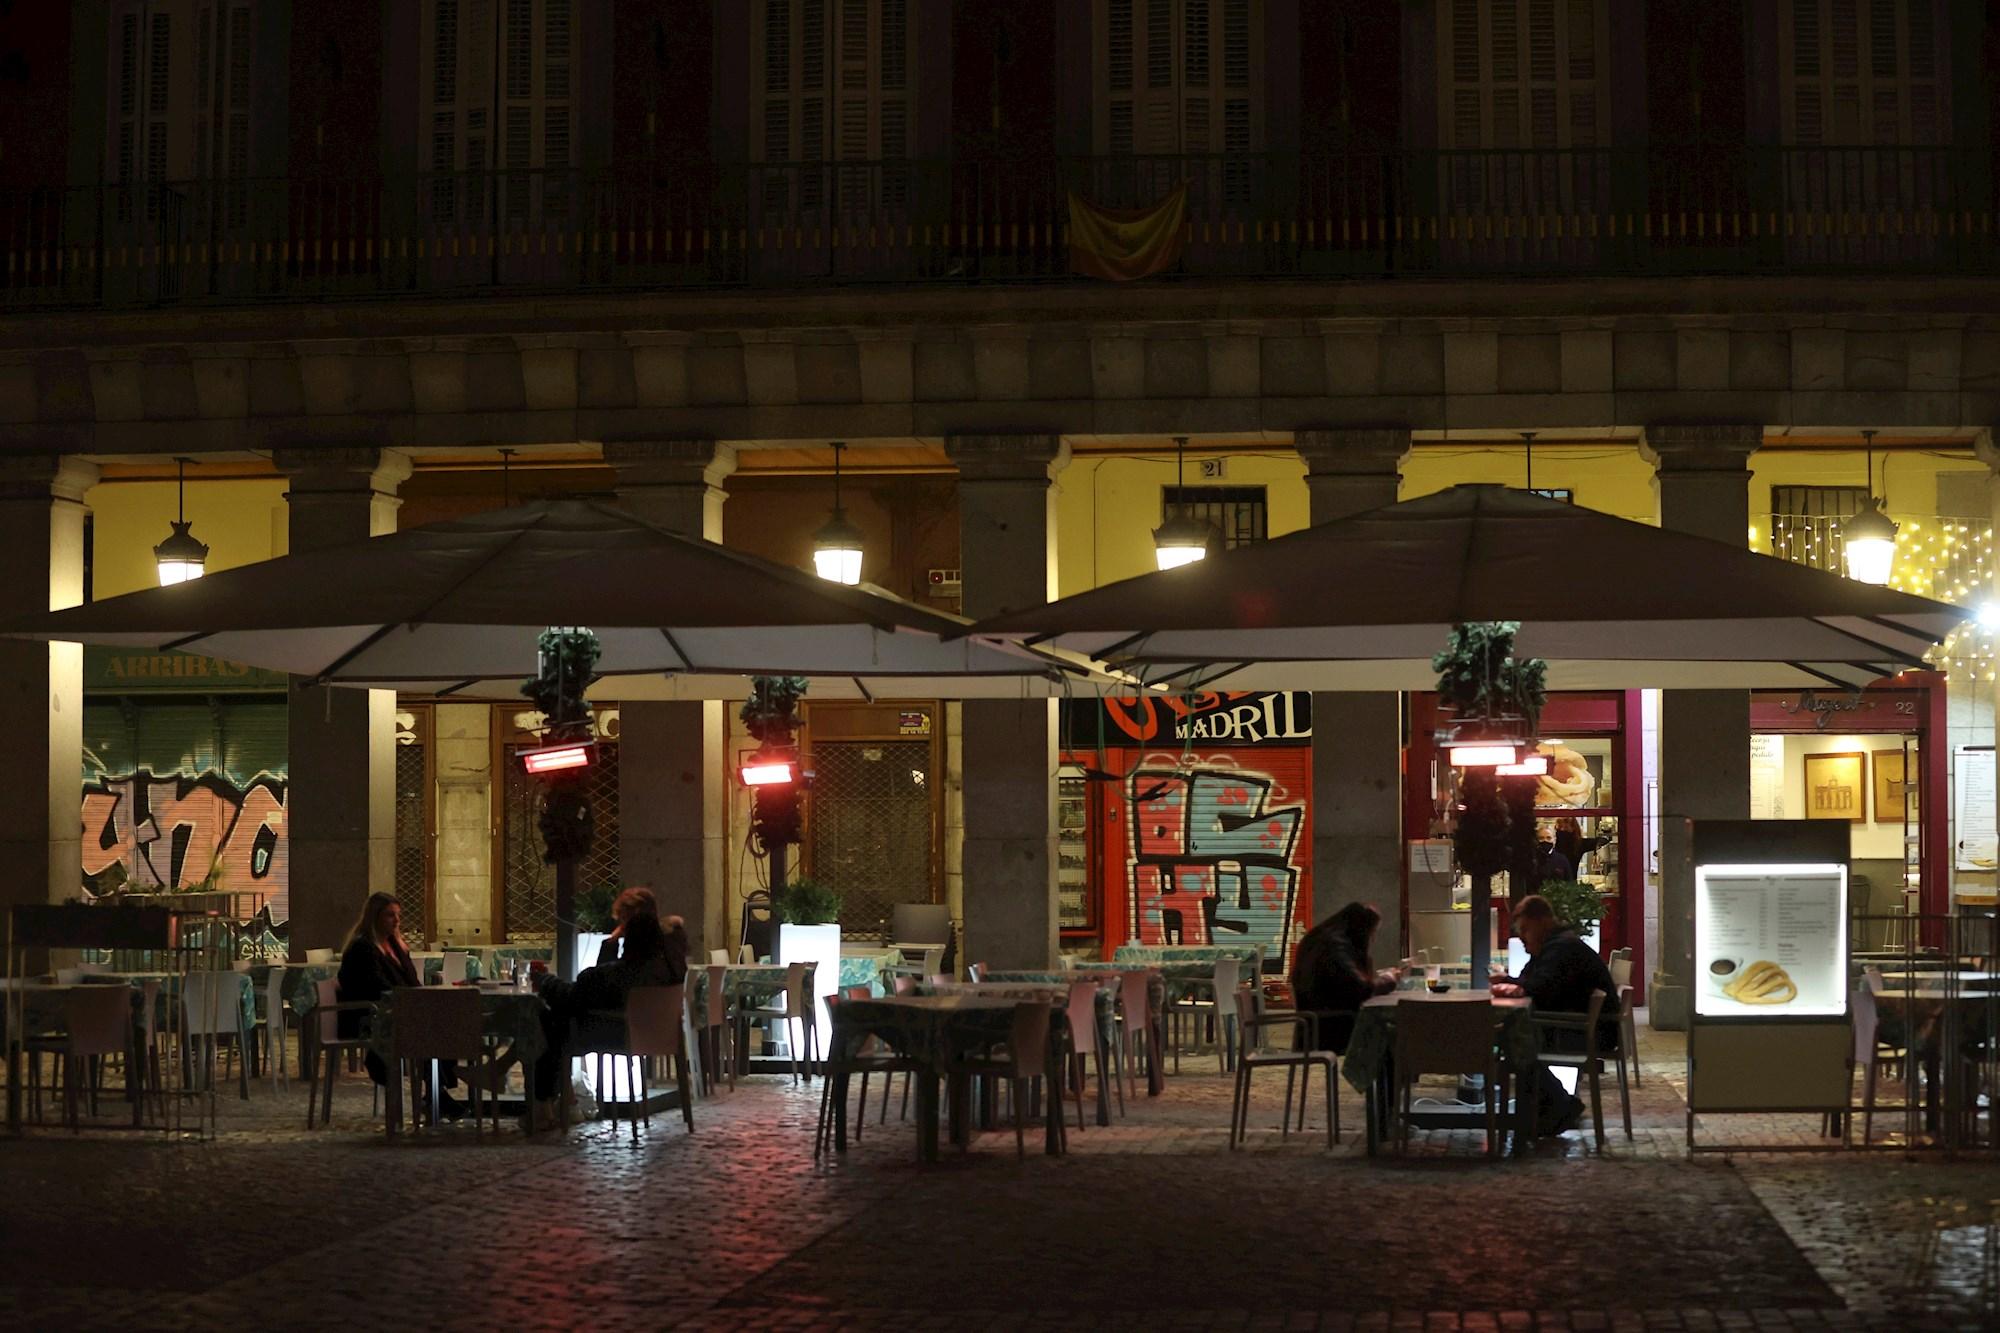 Varias personas toman algo en un bar de Madrid, condicionado por la imposición del toque de queda. EFE/Juanjo Martín